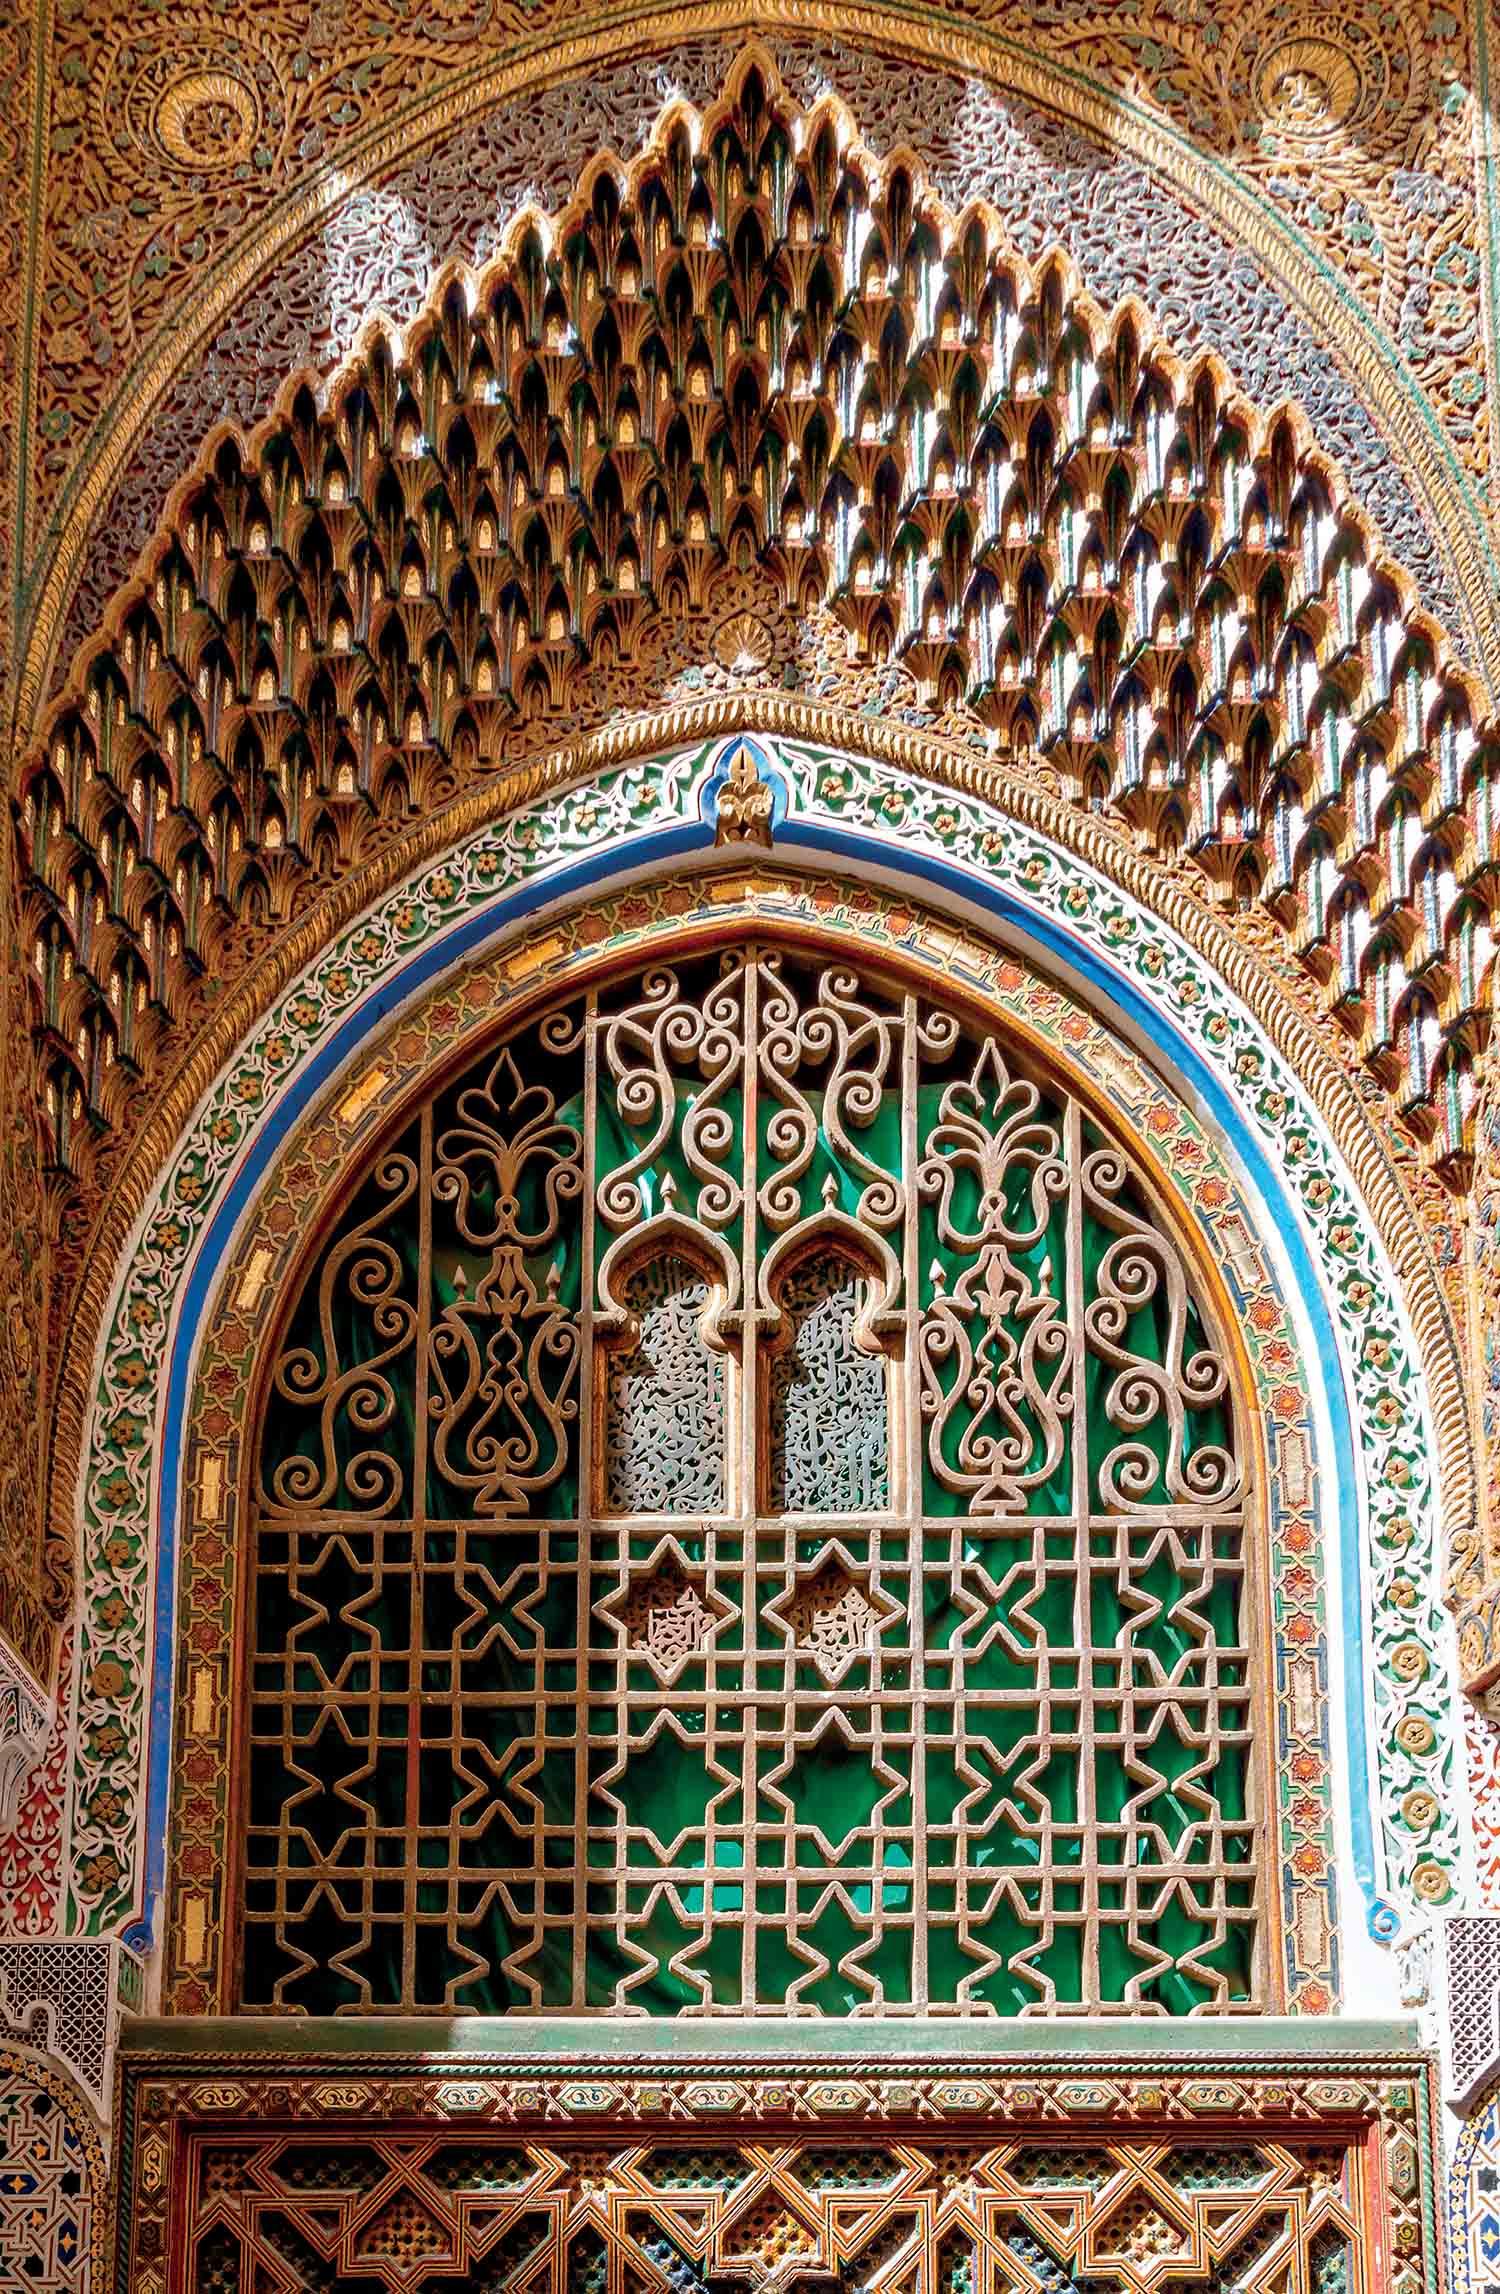 Morocco du lịch khung cửa trường đại học lâu đời